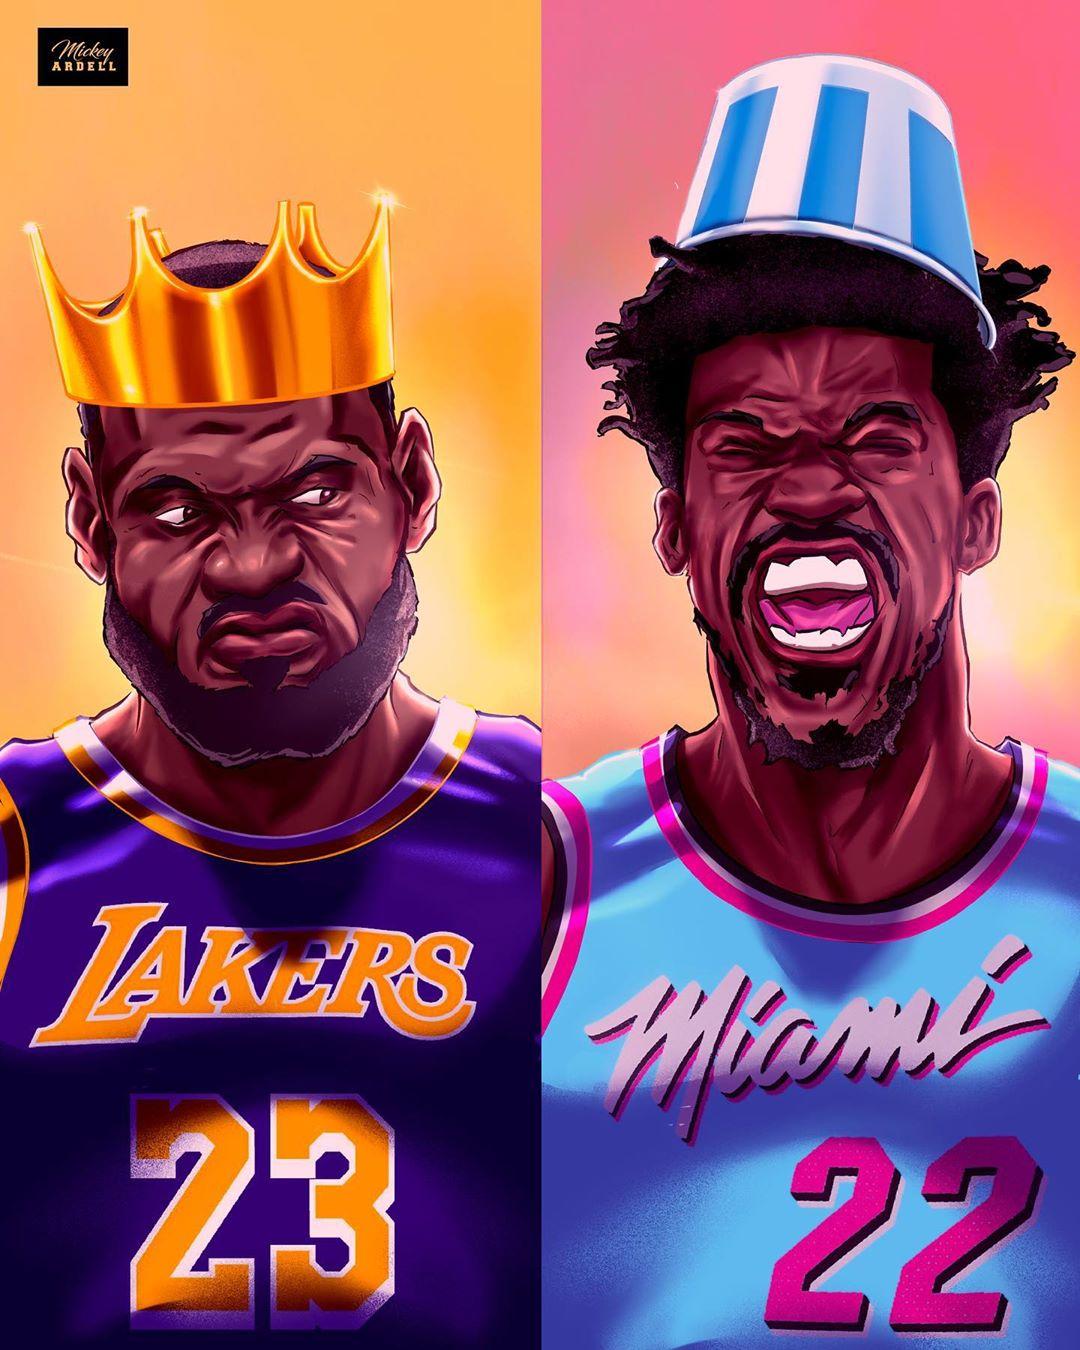 [NBA画师作品]总决赛特辑:洛杉矶湖人VS迈阿密热火